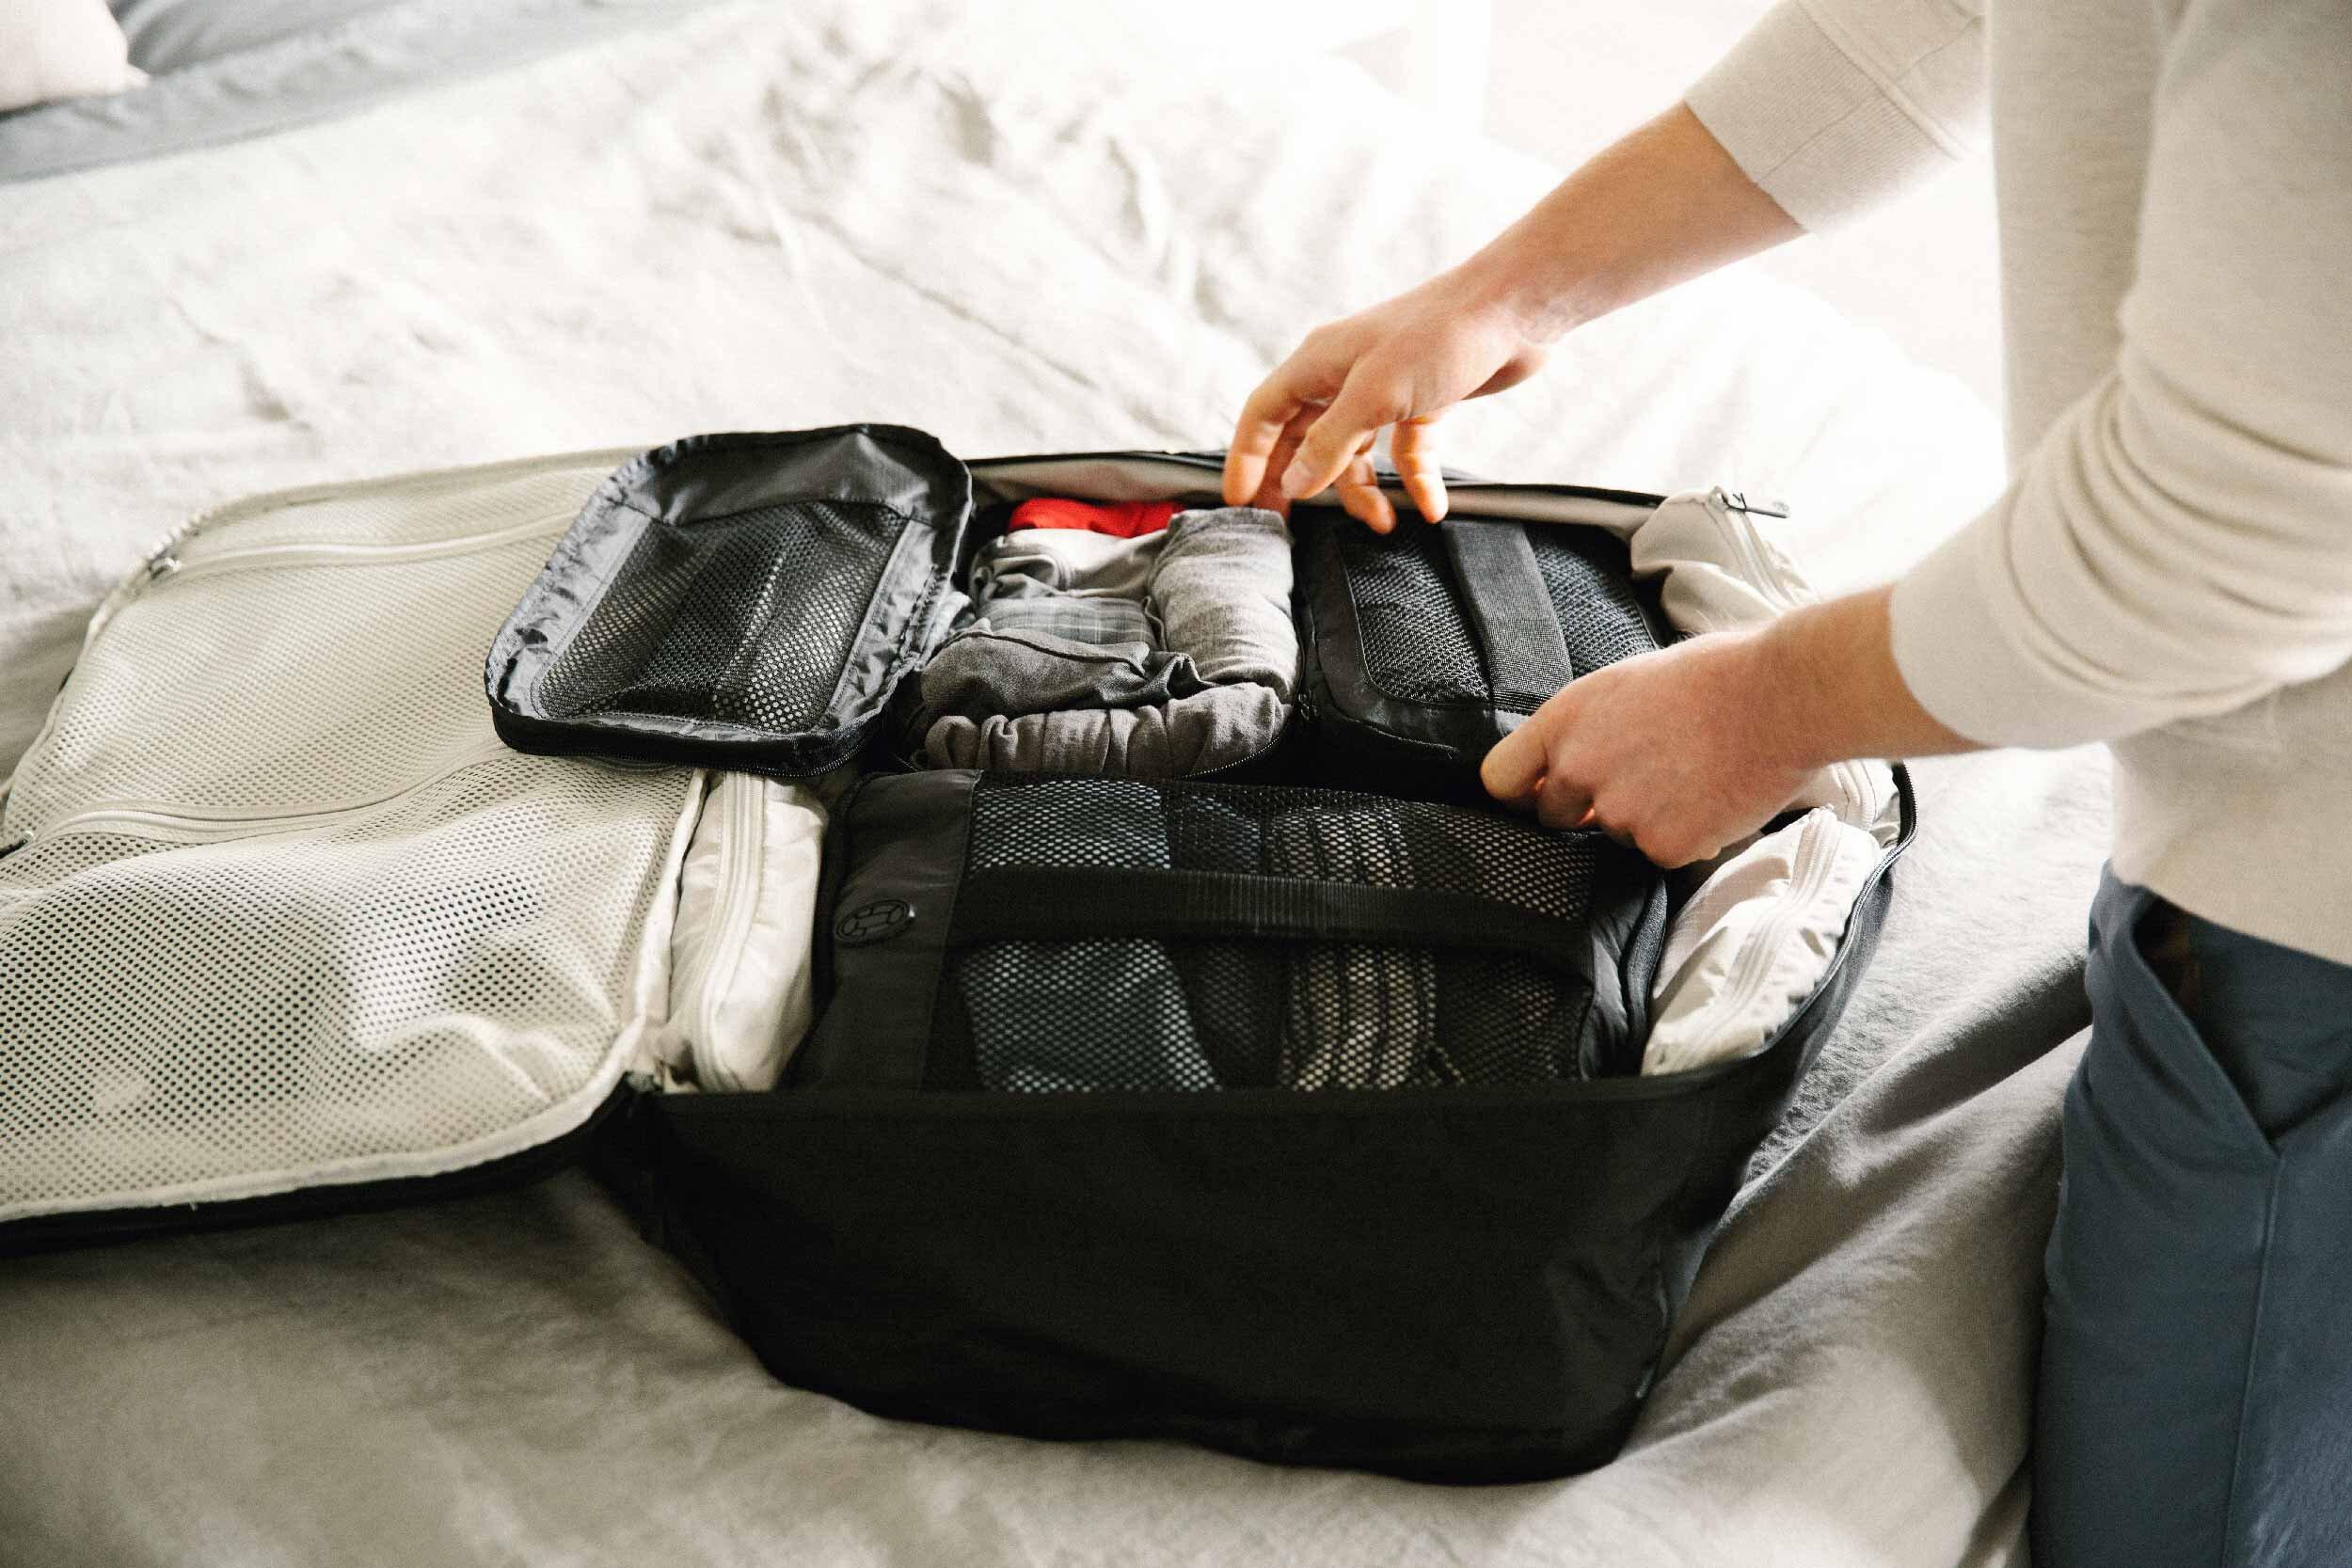 Nên chọn vali có ngăn chứa tiện lợi để bạn dễ dàng phân loại nhiều đồ vật